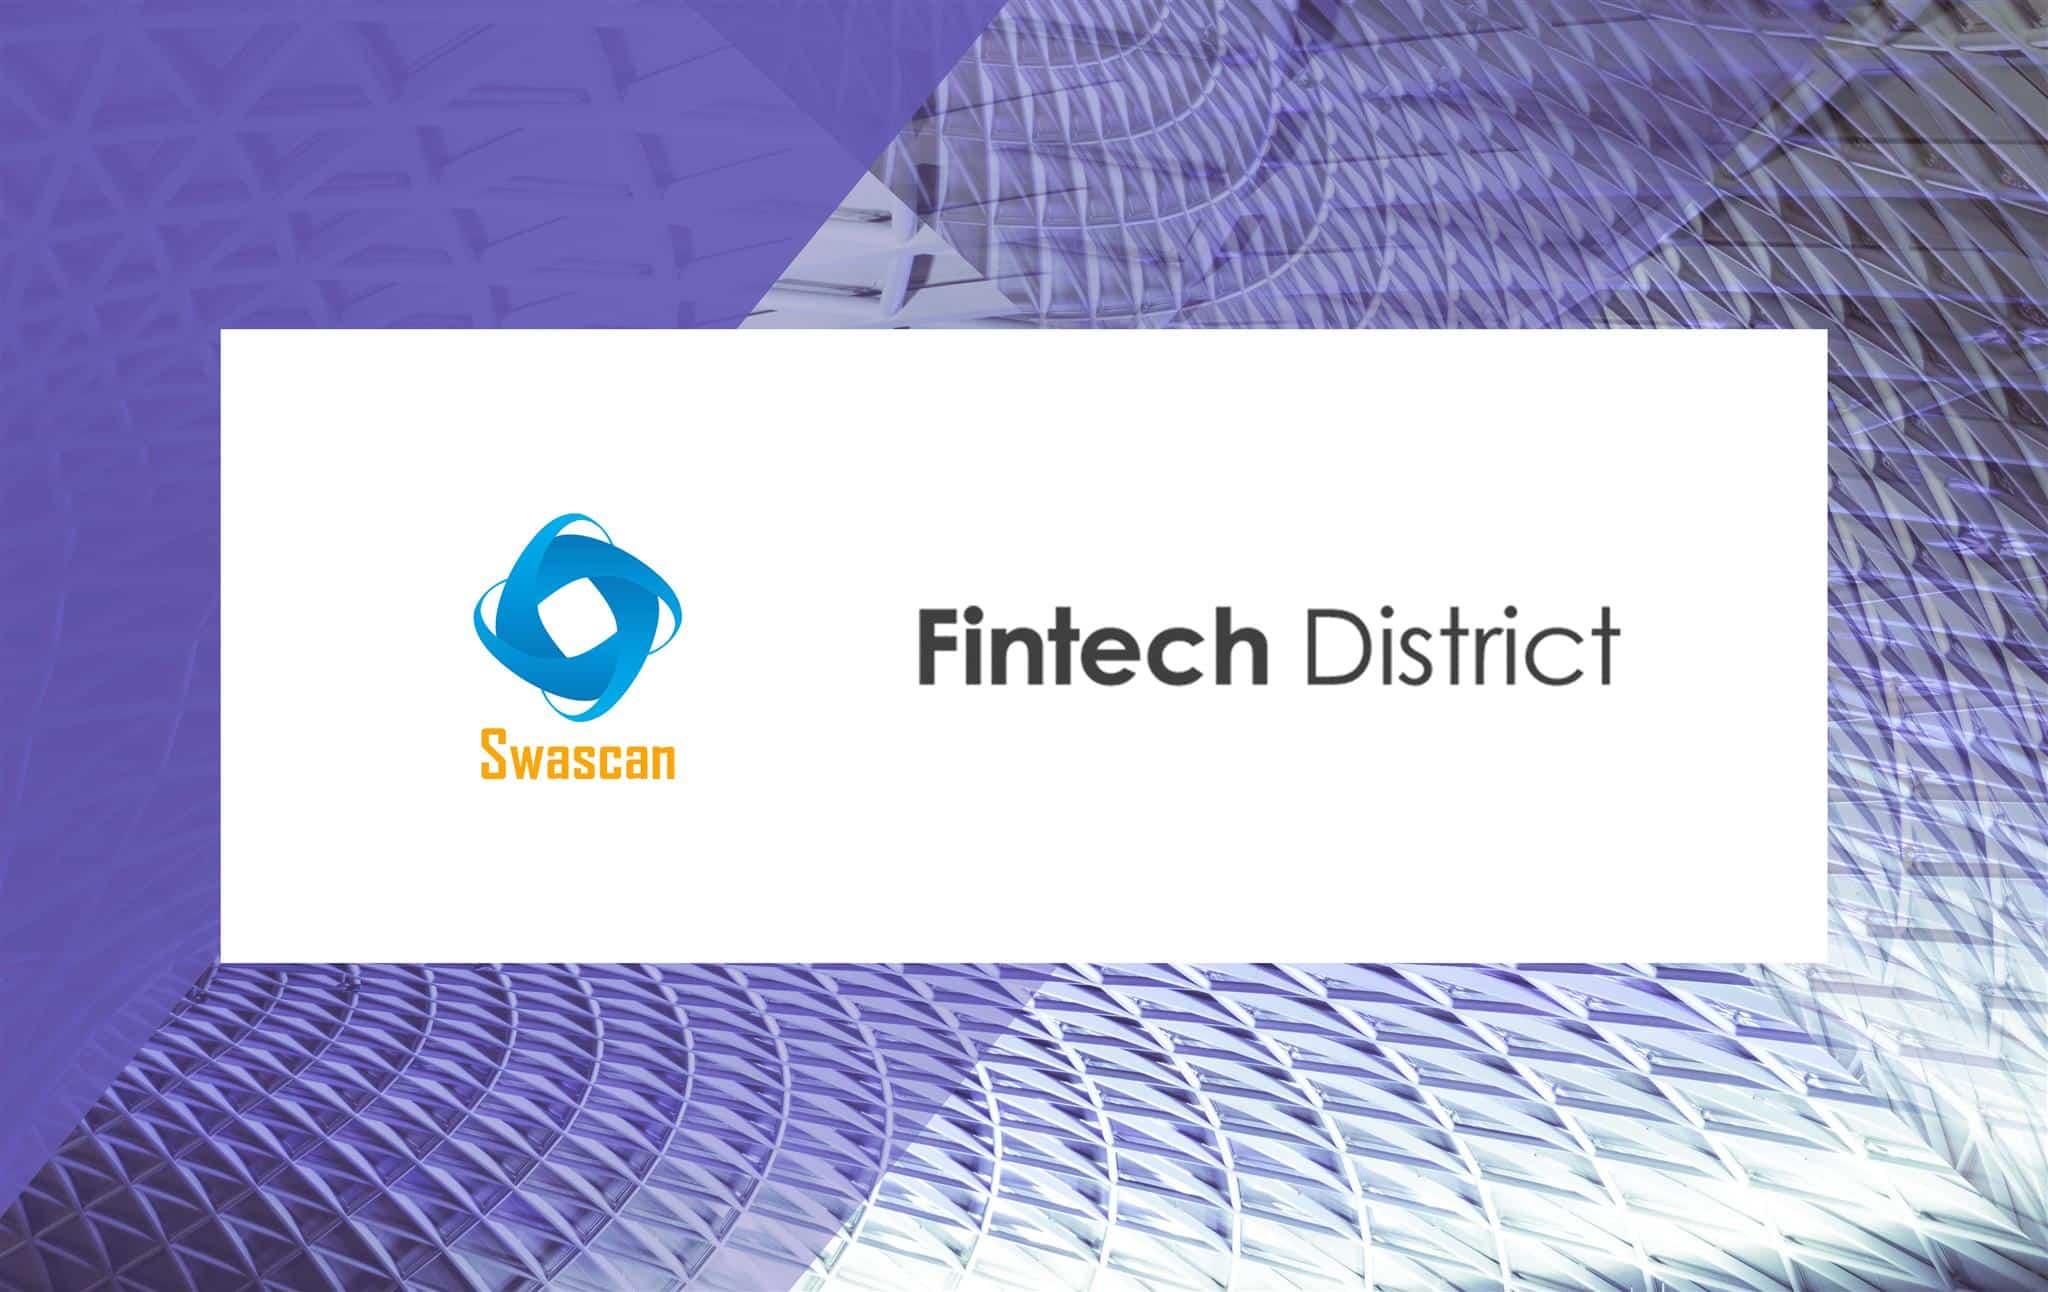 Swascan annuncia il suo ingresso nel Fintech District